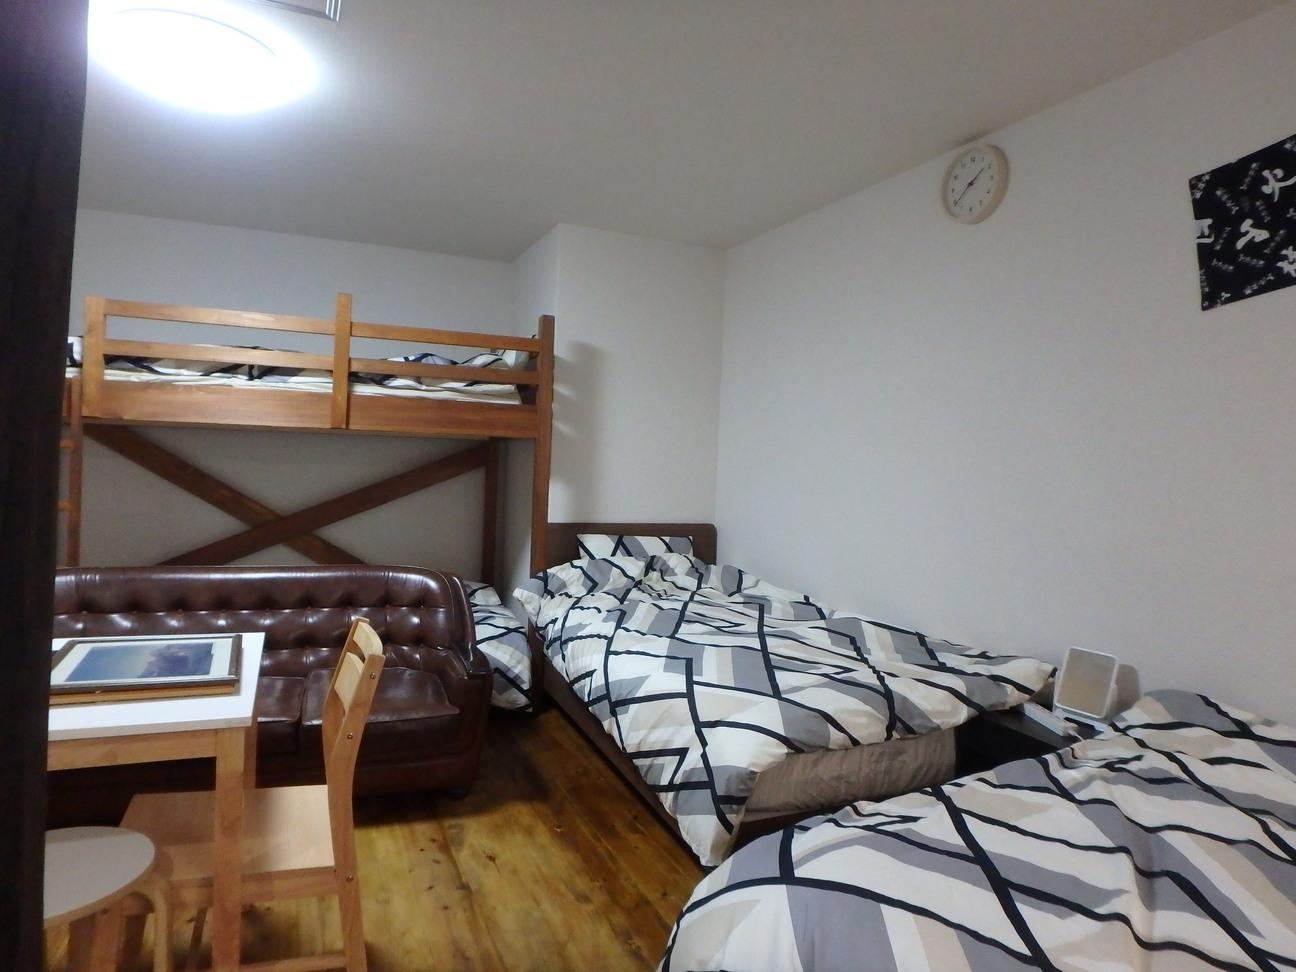 西大路familie寝室シングルベッドと二段ベッドです。